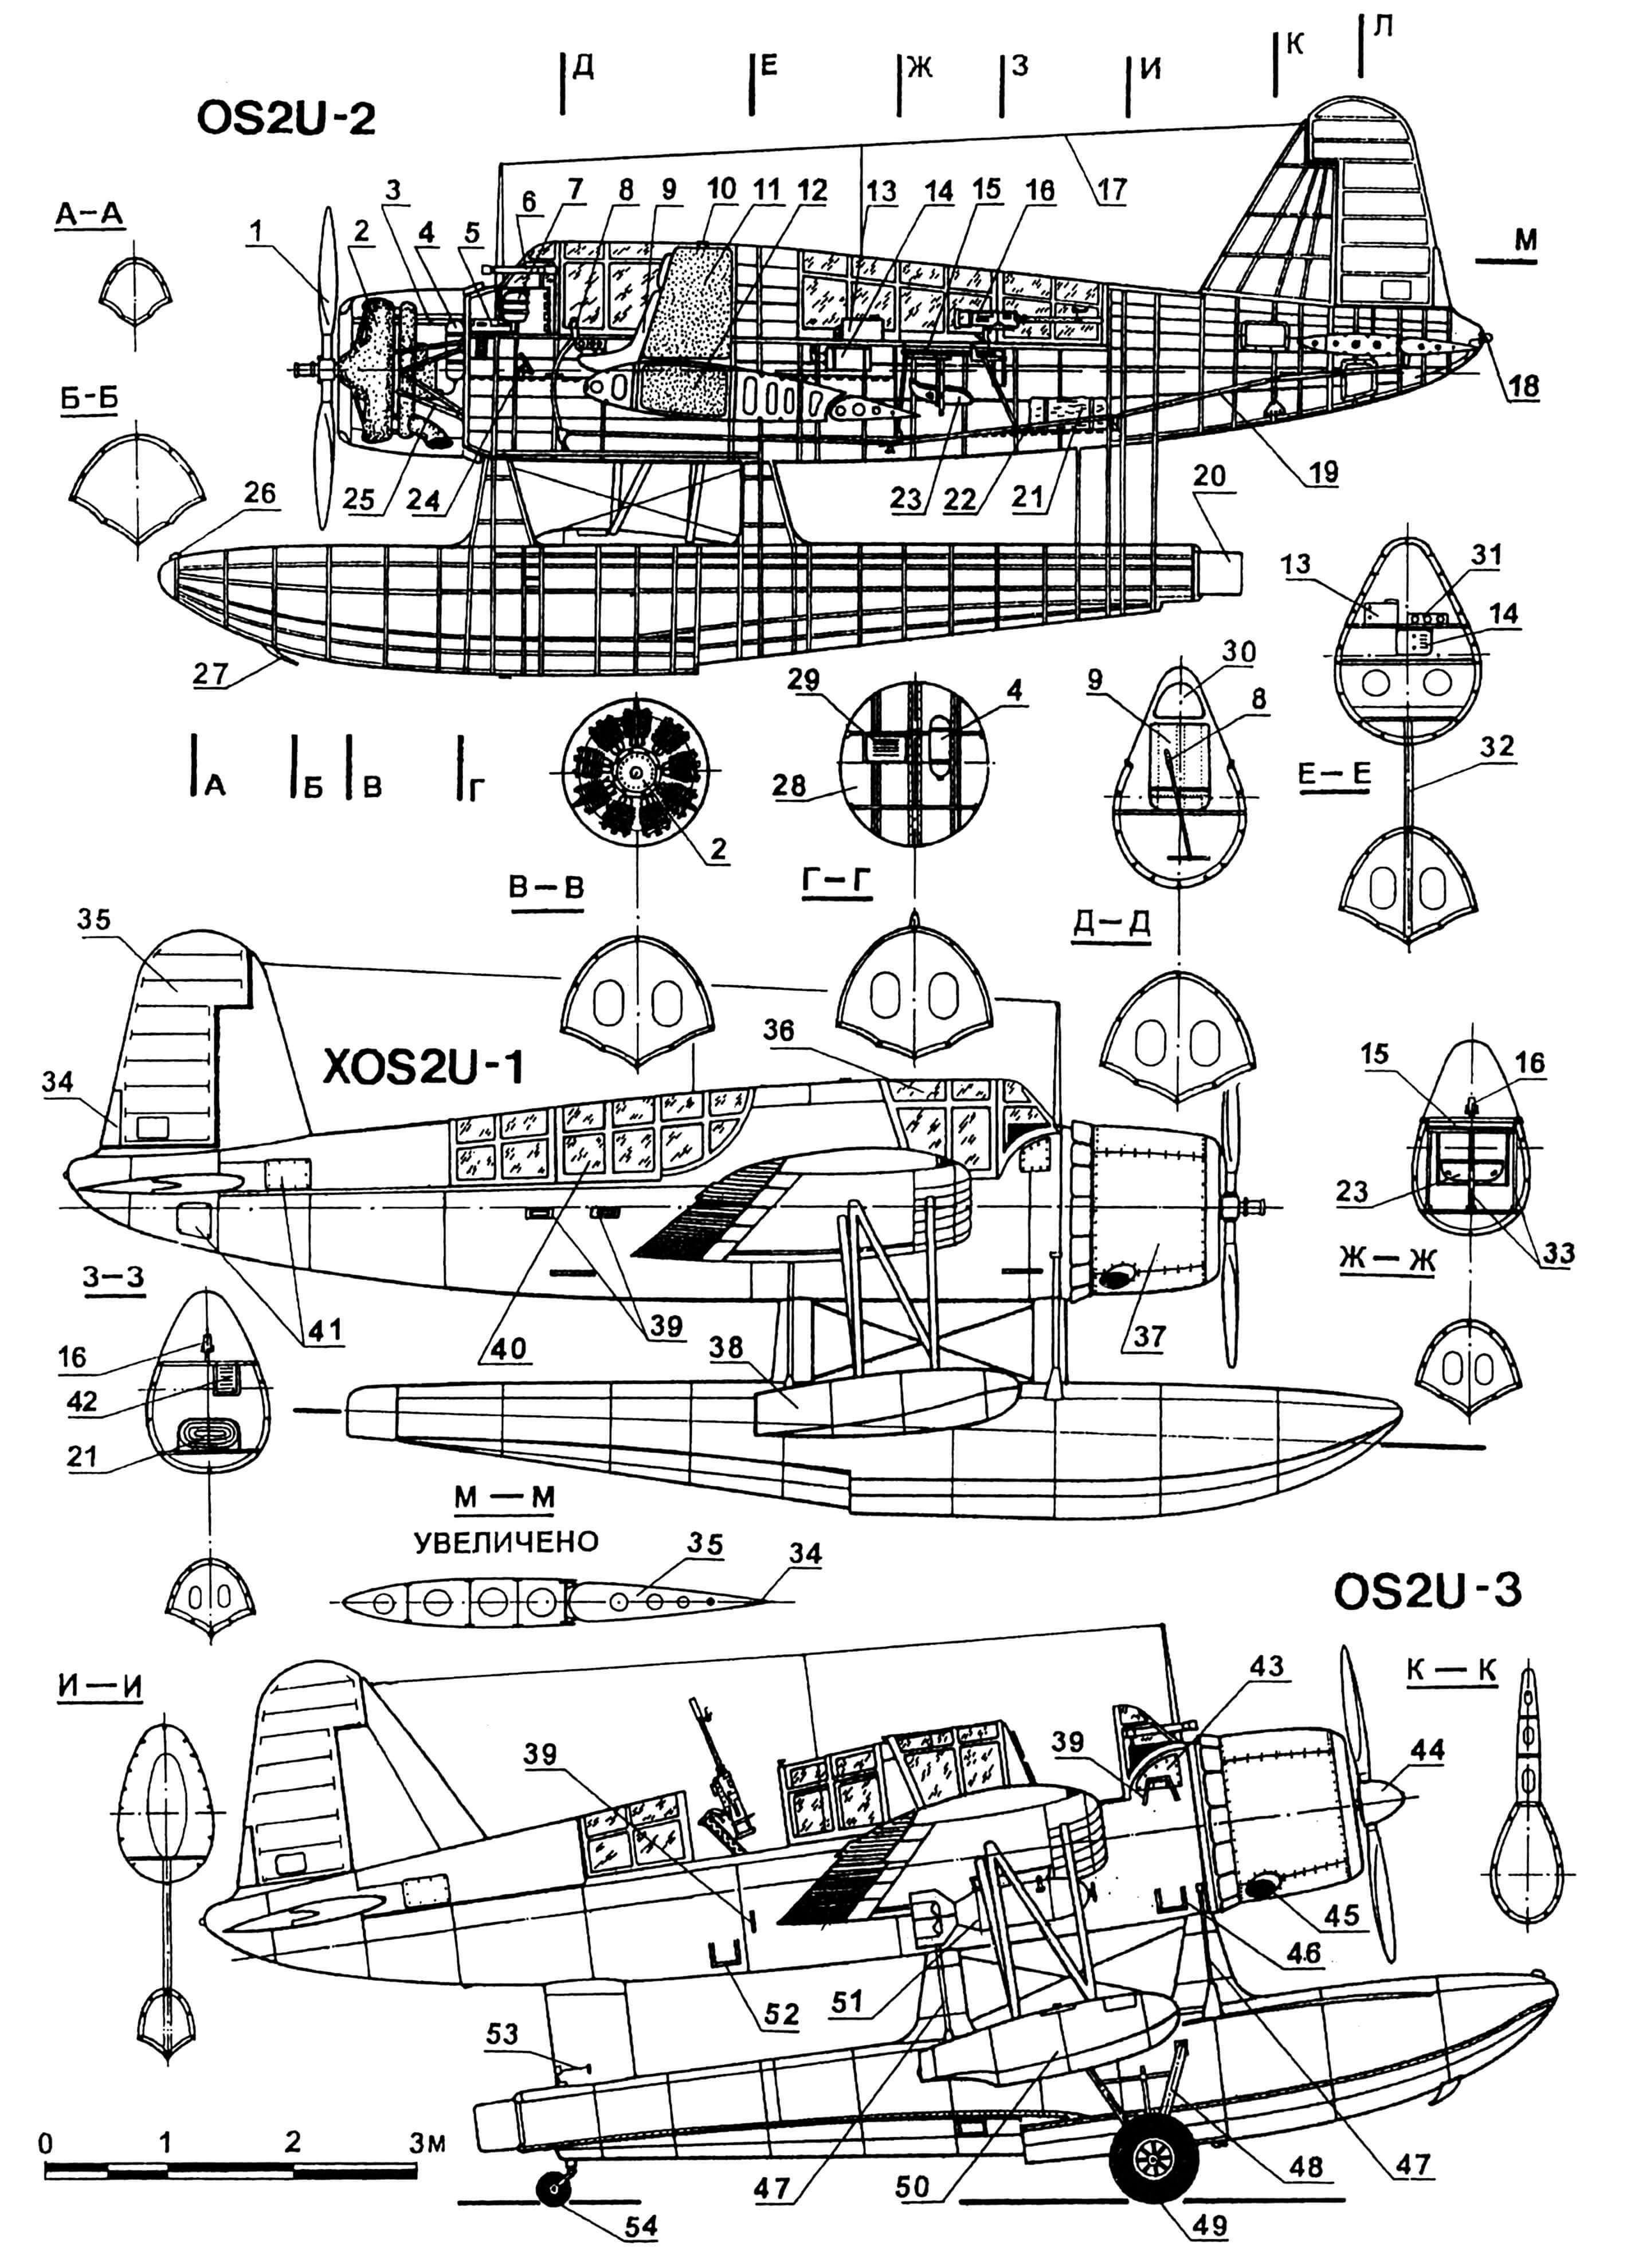 Гидросамолет OS2U «Кингфишер»: 1 — винт двухлопастный; 2 — двигатель R985-50; 3 — кожух ствола пулемета; 4 — баллон воздушный; 5 — пулемет «Кольт-Браунинг»; 6 — прицел Мк III-2 комбинированный; 7 — маслобак; 8 — ручка управления самолетом; 9 — кресло пилотское; 10 — горловина фюзеляжного топливного бака, заливная; 11 — бак топливный; 12,77 — баки топливные крыльевые; 13 — приемник радиостанции; 14 — передатчик радиостанции; 15 — установка турельная; 16 — пулемет; 17 — антенна радиостанции; 18 — огонь габаритный; 19 — тяга управления рулем высоты; 20 — руль водяной; 21 — лодка надувная; 22 — пол кабины летчика-наблюдателя; 23 — сиденье летчика-наблюдателя; 24 — педали управления рулем поворота; 25 — моторама; 26 — узел швартовочный; 27 — гак катапультный; 28 — перегородка противопожарная; 29 — батарея аккумуляторная; 30 — заголовник сиденья летчика; 31 — доска приборная летчика-наблюдателя; 32 — стойка центрального поплавка; 33 — стойки крепления турели; 34 — триммер руля поворота; 35 — руль поворота; 36 — часть фонаря кабины пилота, сдвижная; 37 — капот двигателя; 38 — поплавок крыльевой (первых серий); 39 — поручни; 40 — фонарь кабины летчика-наблюдателя, сдвижной; 41 — лючки для доступа к системе управления, эксплуатационные; 42 — ящик патронный к пулемету; 43 — лючок доступа к пулемету; 44 — кок винта; 45 — патрубок выхлопной; 46 — подножка пилотской кабины; 47 — растяжки основного поплавка; 48 — стойка шасси; 49 — колесо основного шасси; 50 — поплавок крыльевой (поздних серий); 51 — бомба М-43; 52 — подножка кабины стрелка; 53 — тяга управления водяным рулем; 54 — колесо хвостовое; 55 — лампа освещения правого борта пилотской кабины; 56 — ручка выпуска закрылков; 57 — маховик триммера руля поворота; 58 — маховик триммера руля высоты; 59 — рычаг управления двигателем; 60 — бомбосбрасыватель; 61 — рукоятка регулировки кресла летчика; 62 — рычаг управления шагом винта; 63 — часы; 64 — топливомер; 65 — указатель скорости; 66 — указатель курса; 67 — индикатор положен